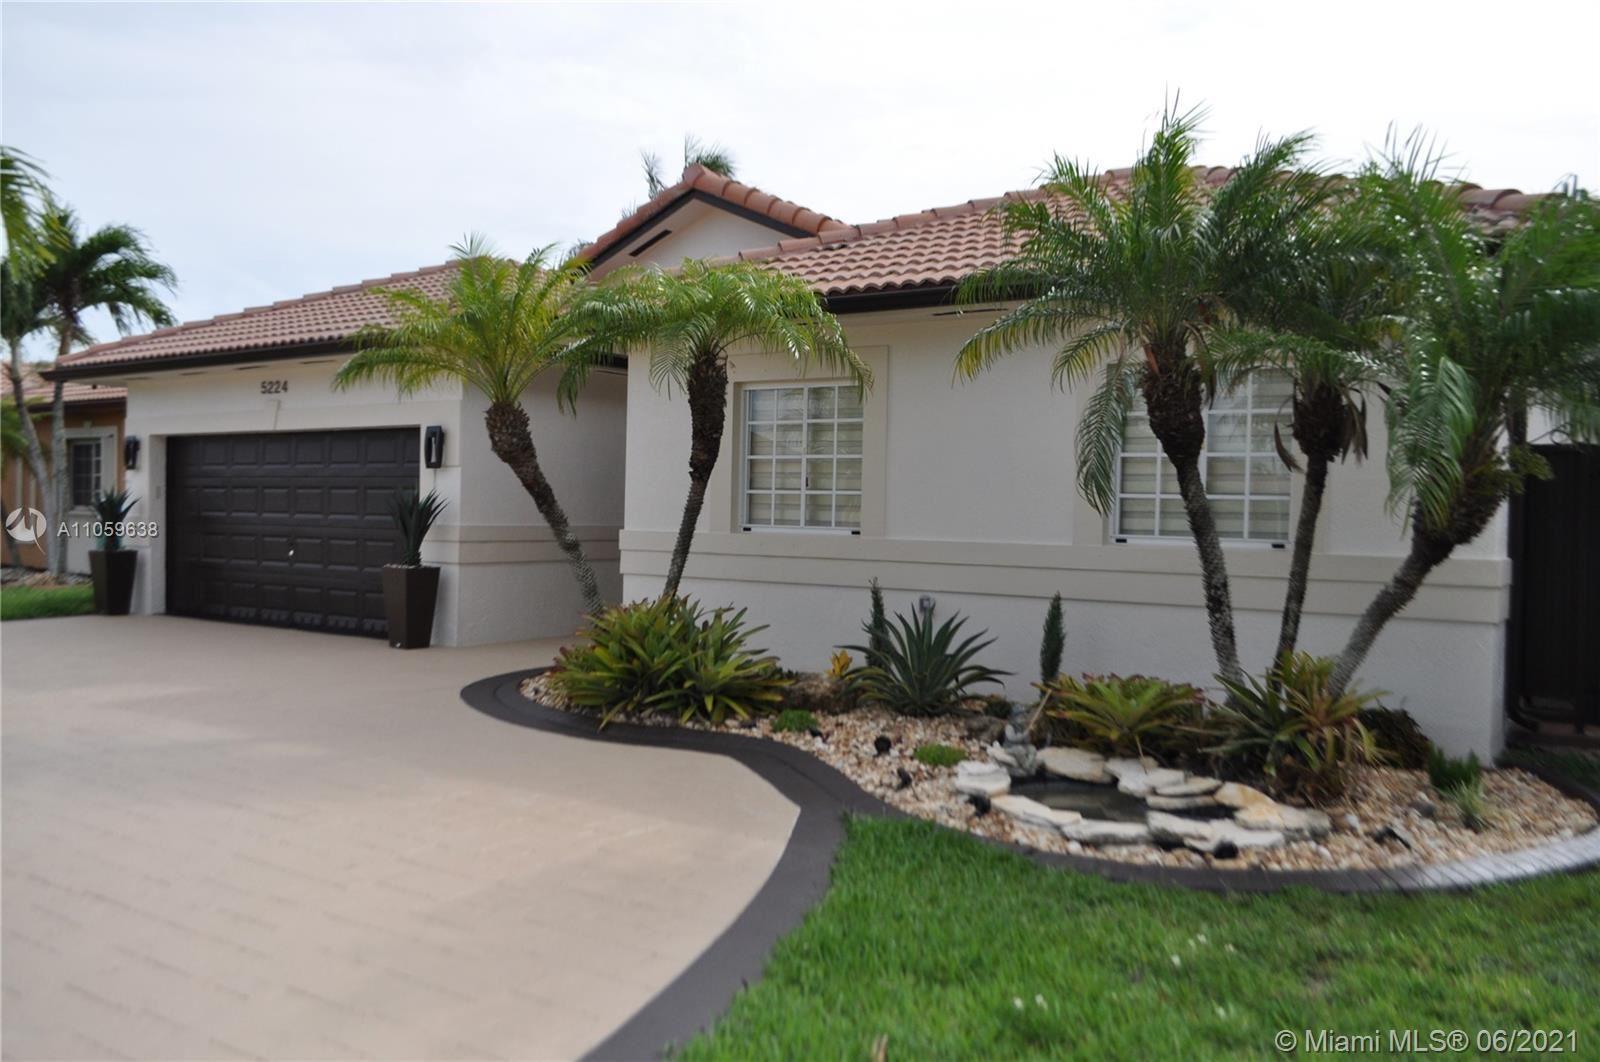 5224 SW 159th Ct, Miami, FL 33185 - #: A11059638